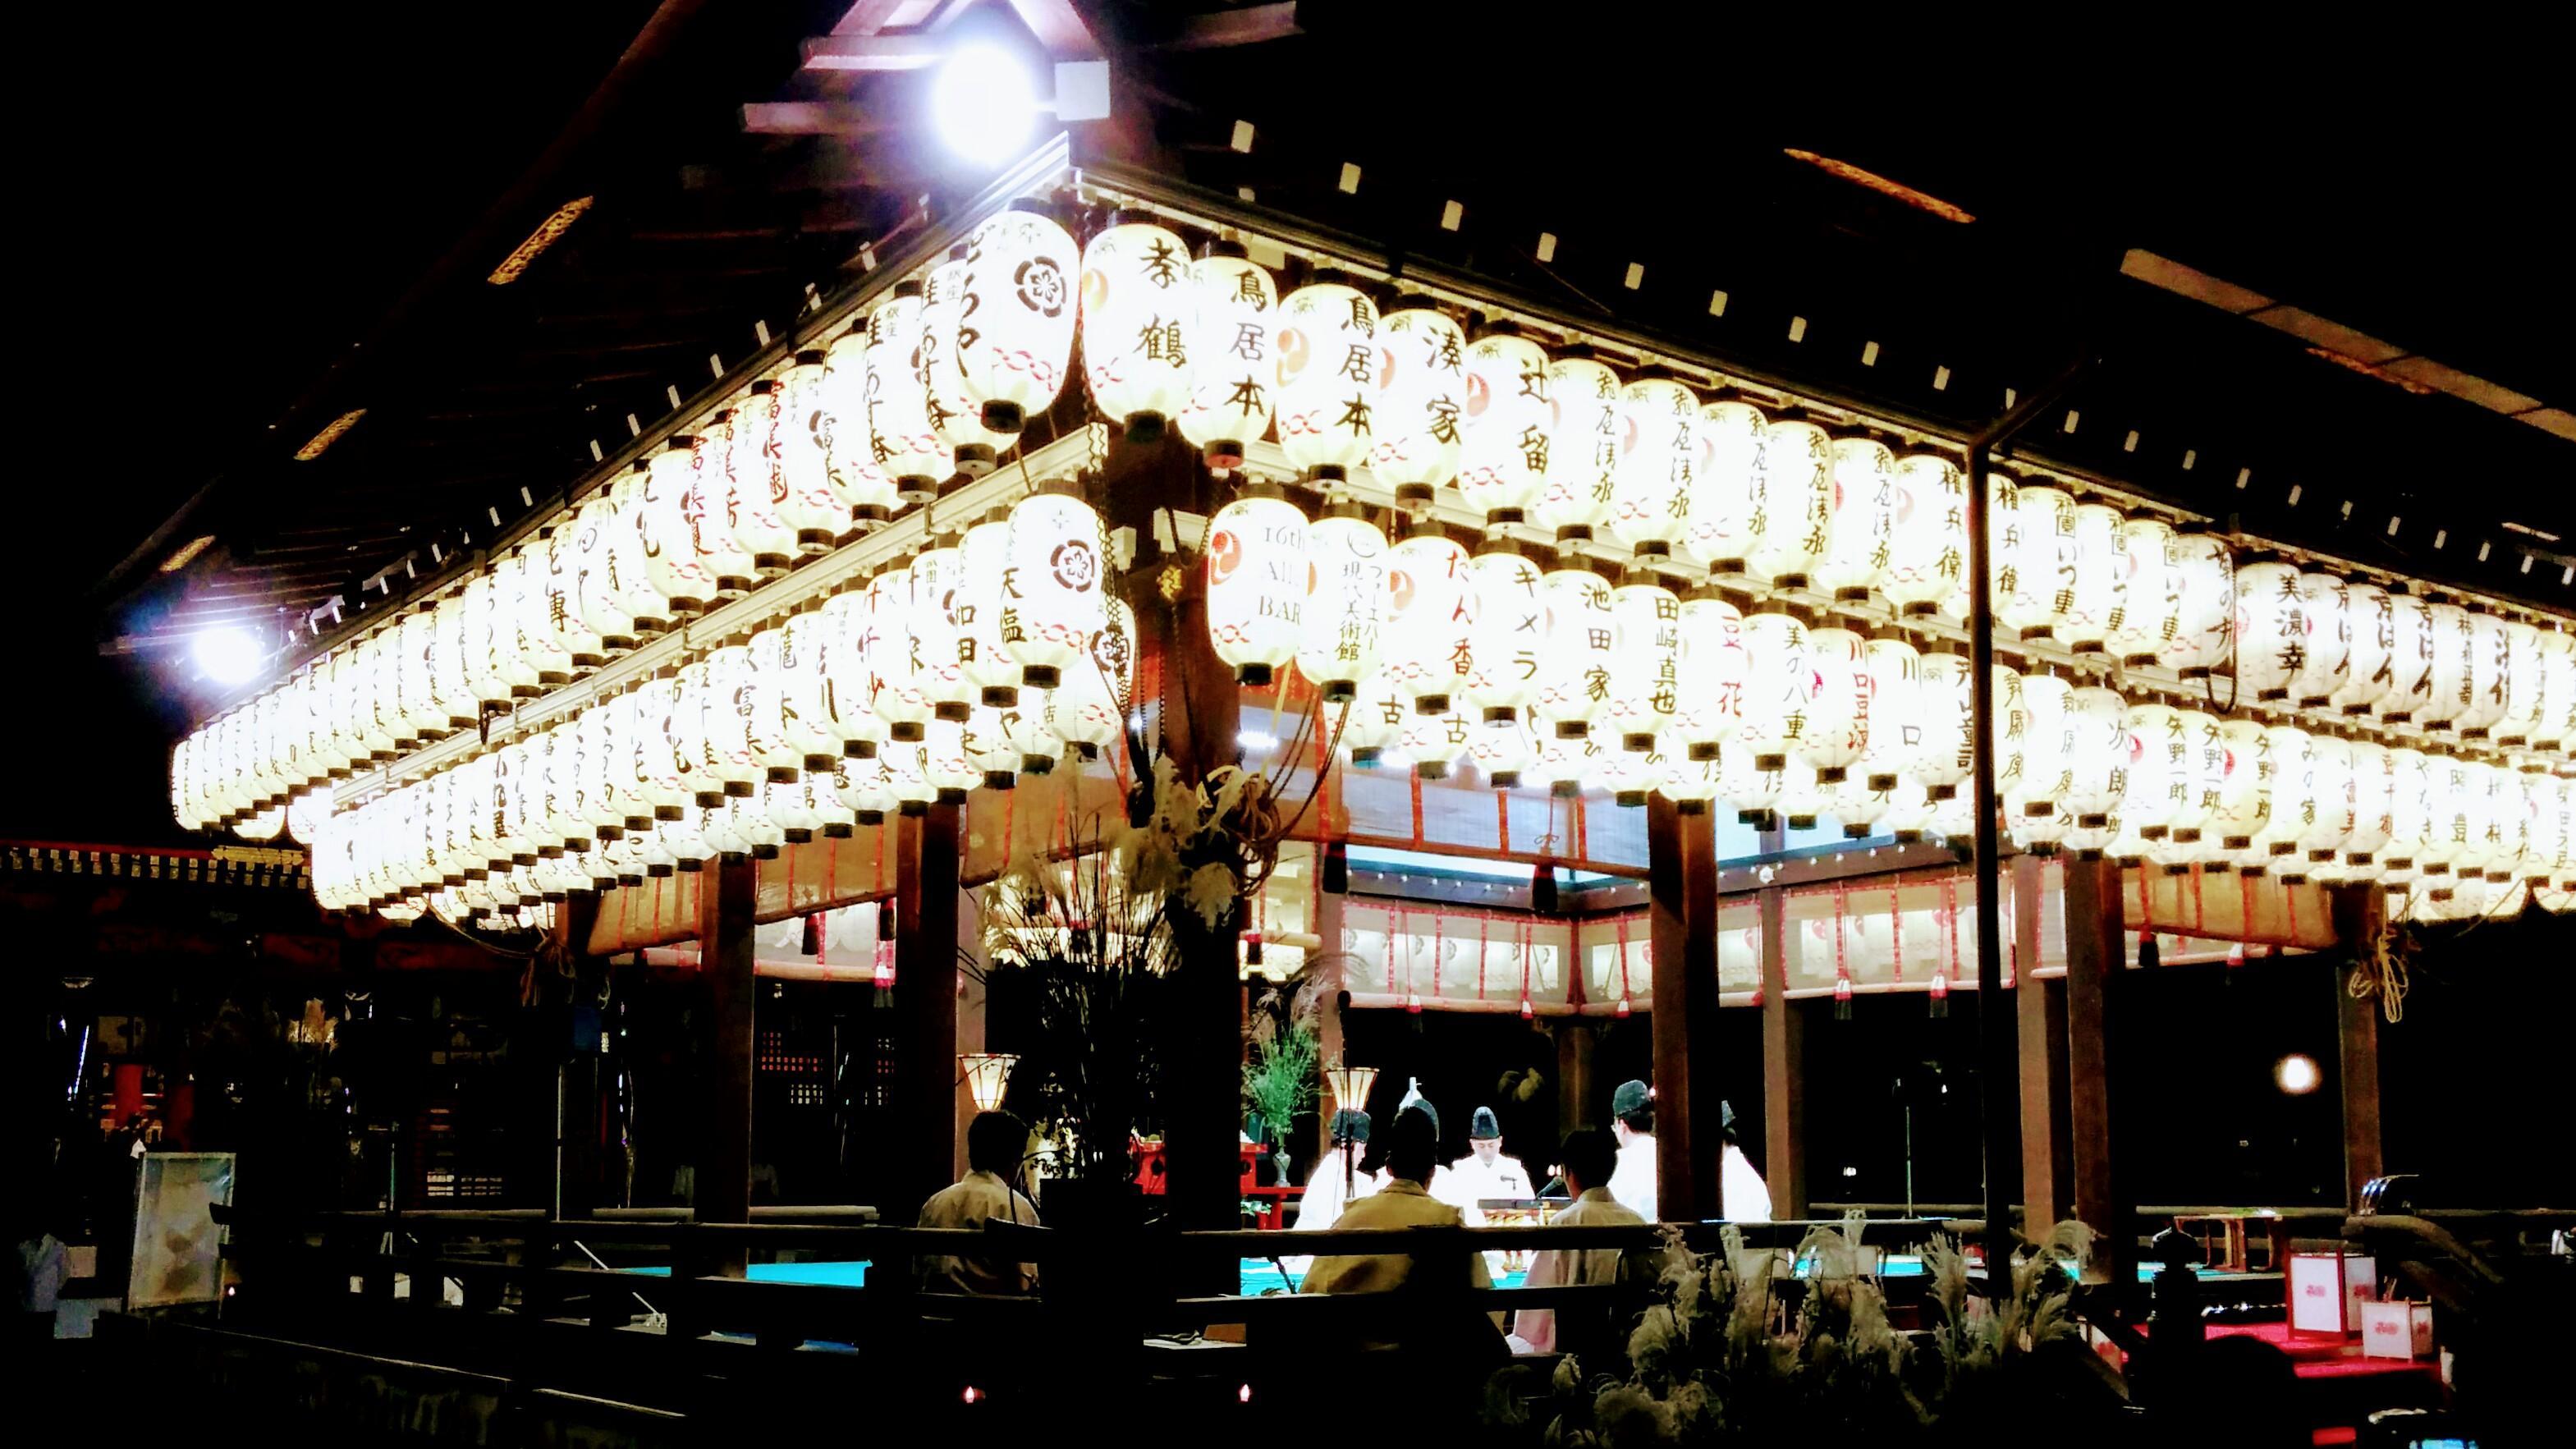 八坂神社(祇園さん)の神楽